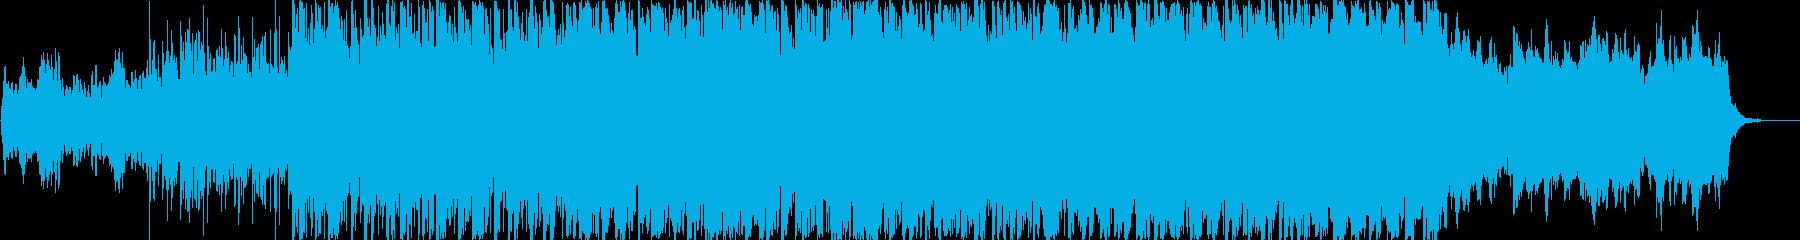 ドリーミーで浮遊感のあるシンセポップの再生済みの波形